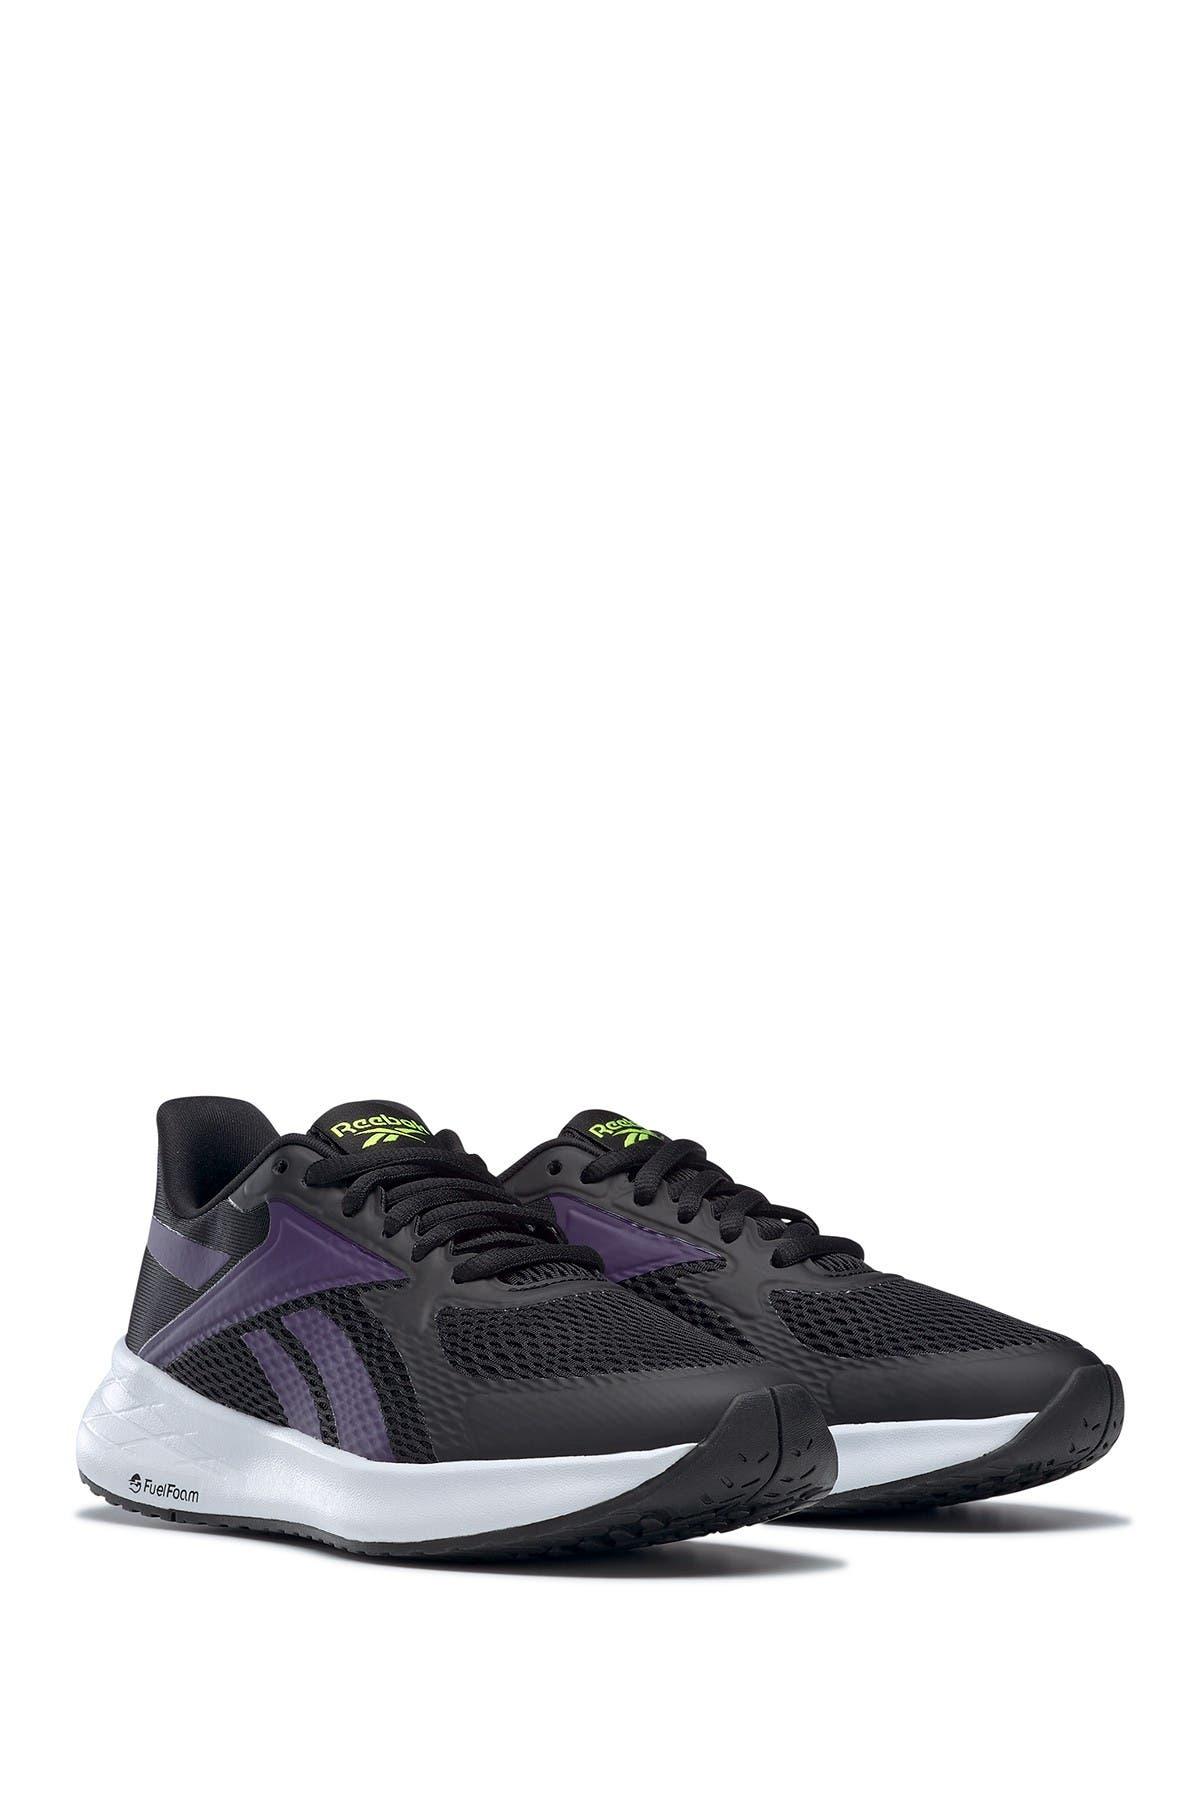 Image of Reebok Energen Run Sneaker